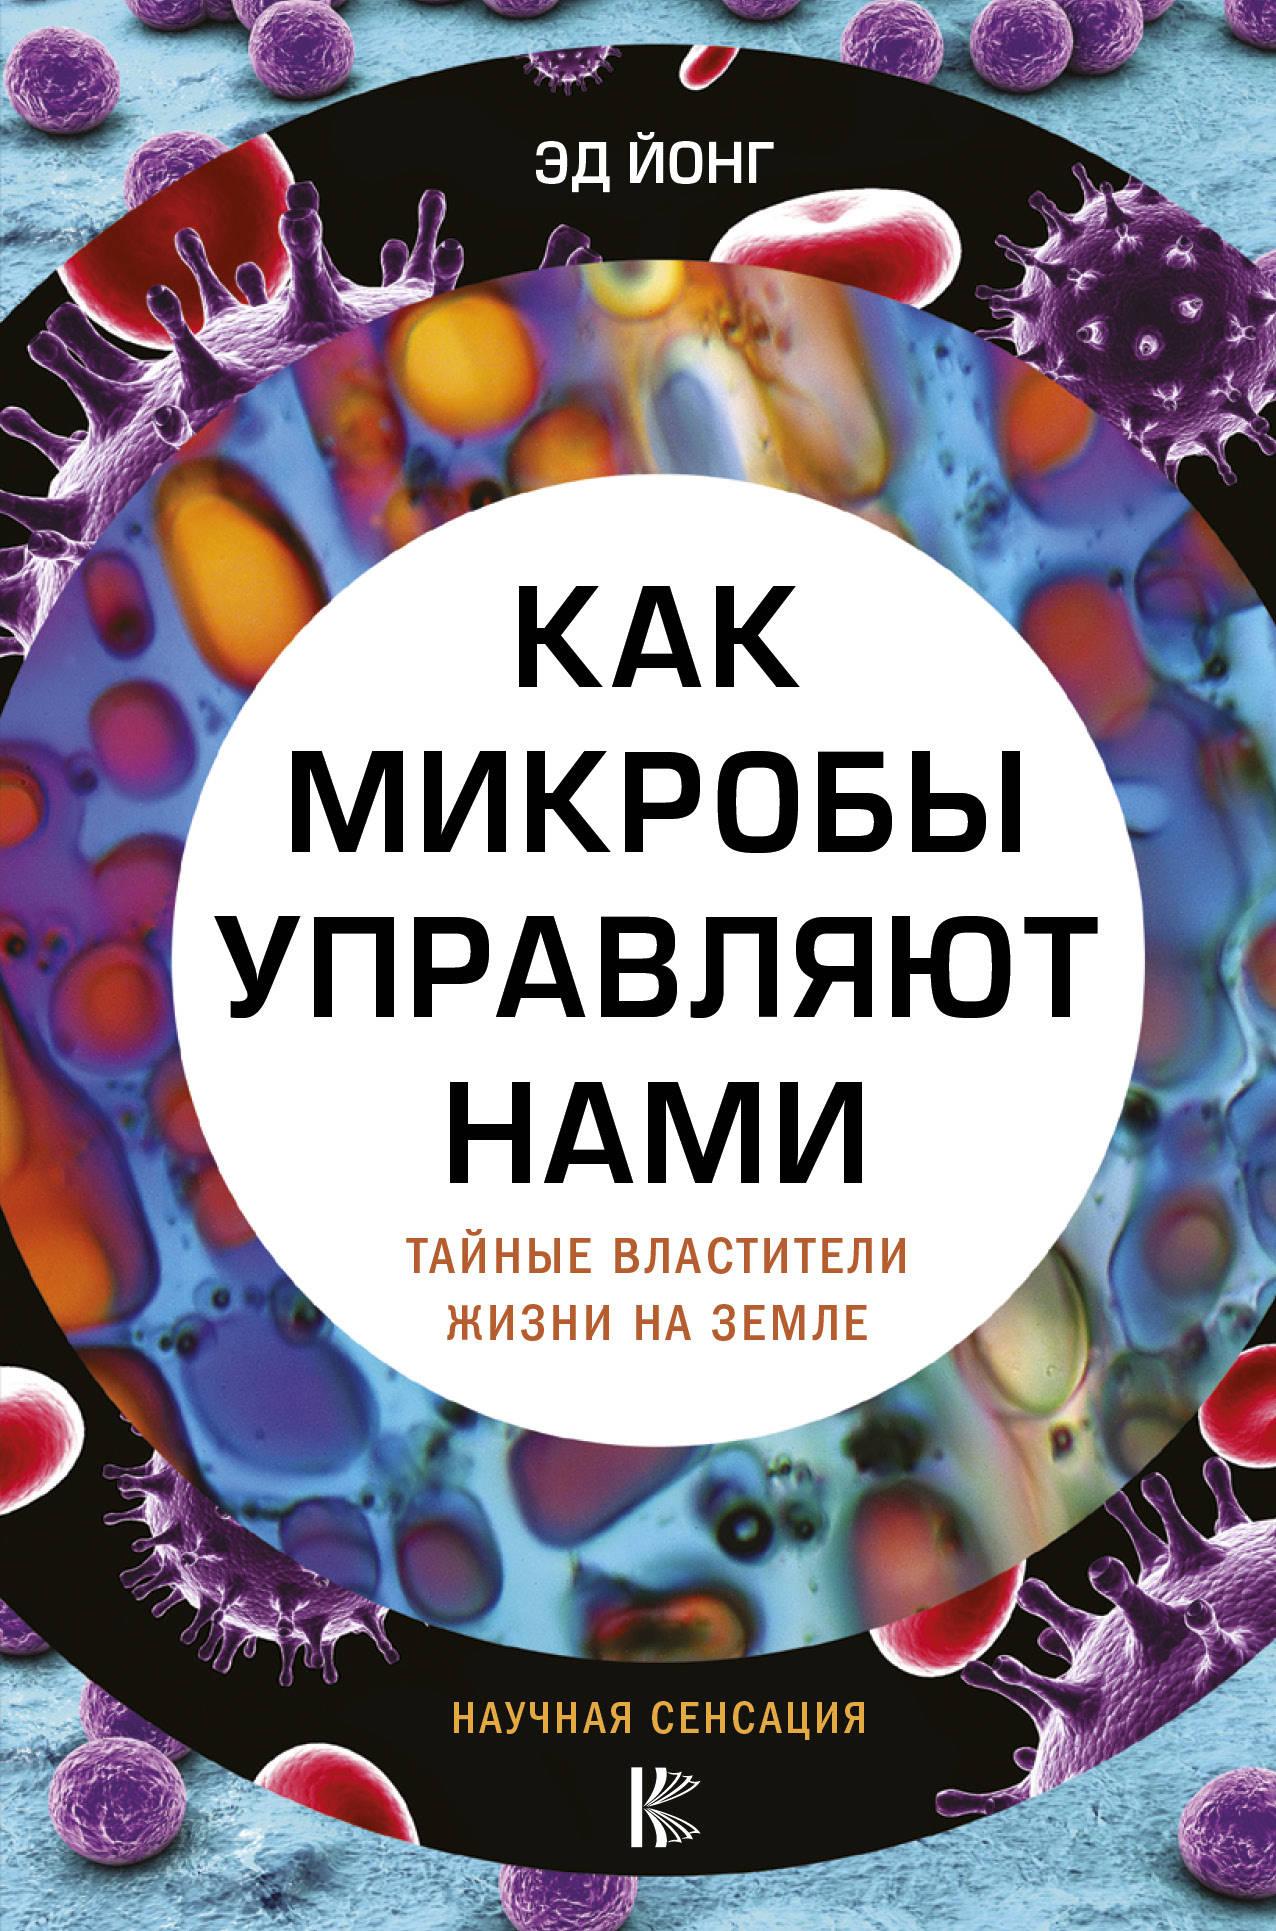 Как микробы управляют нами. Тайные властители жизни на Земле от book24.ru